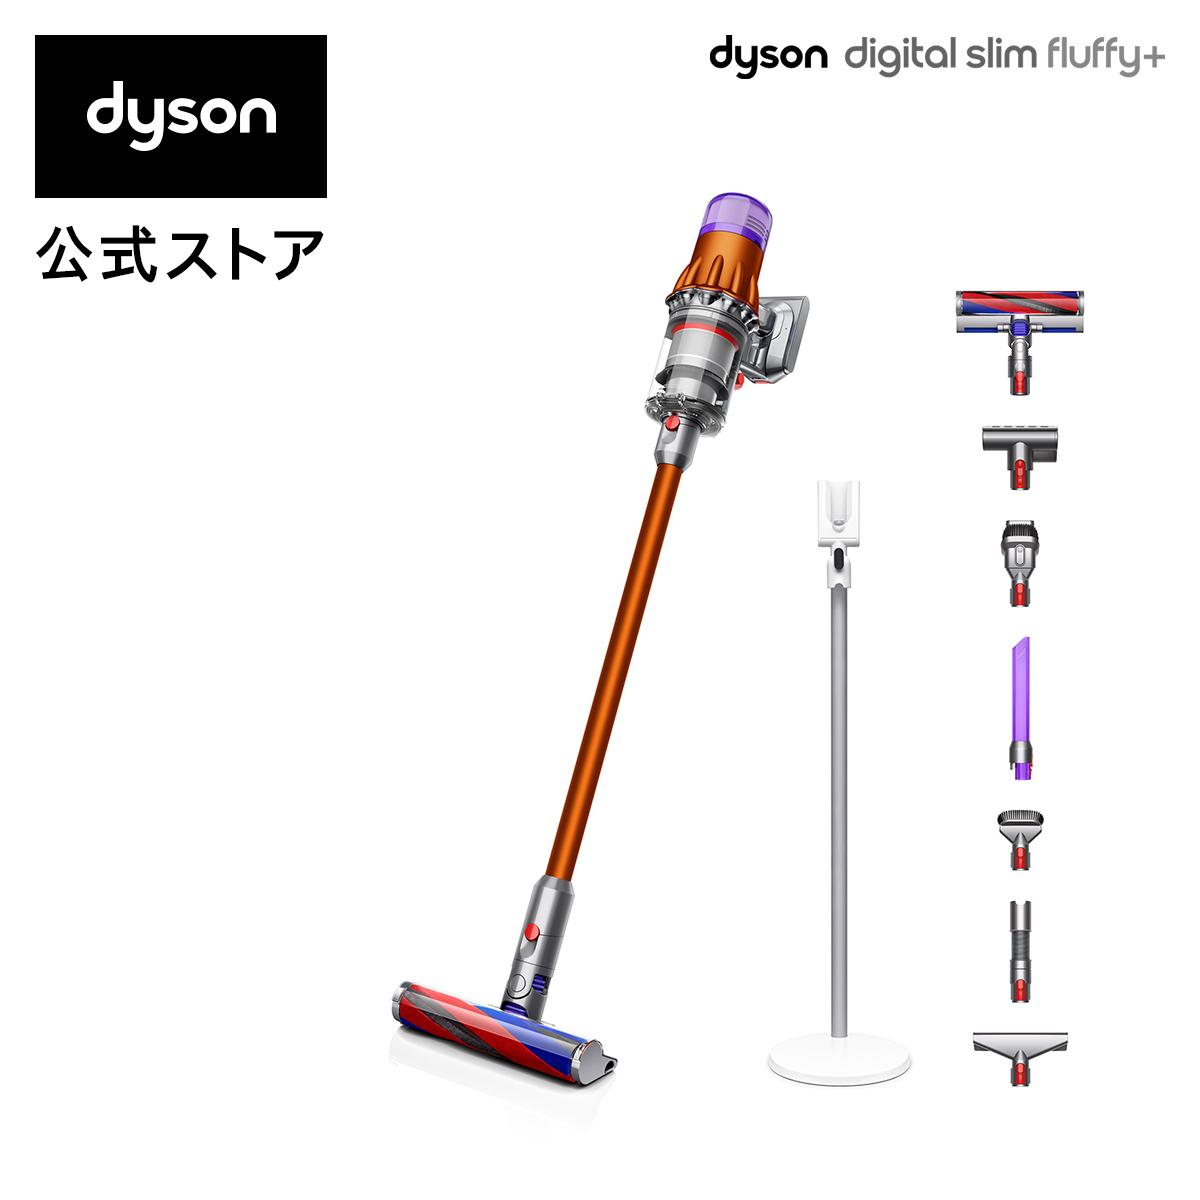 【6/22新発売】ダイソン Dyson Digital Slim Fluffy+ サイクロン式 コードレス掃除機 dyson SV18FFCOM 2020年最新モデル